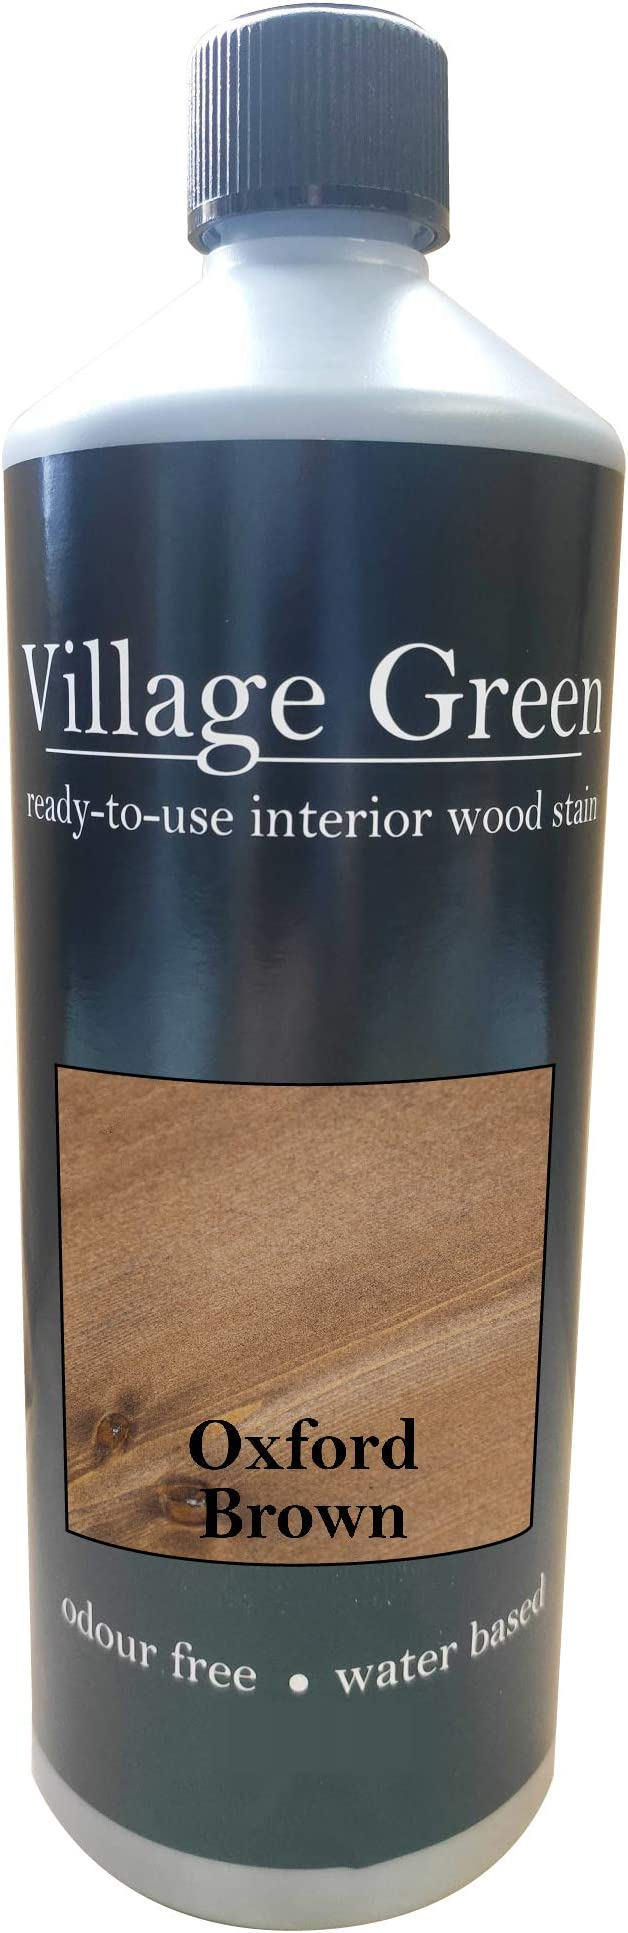 Tinte de madera listo para usar, 27 colores, contenido de pigmento súper alto, base de agua, de Village Green